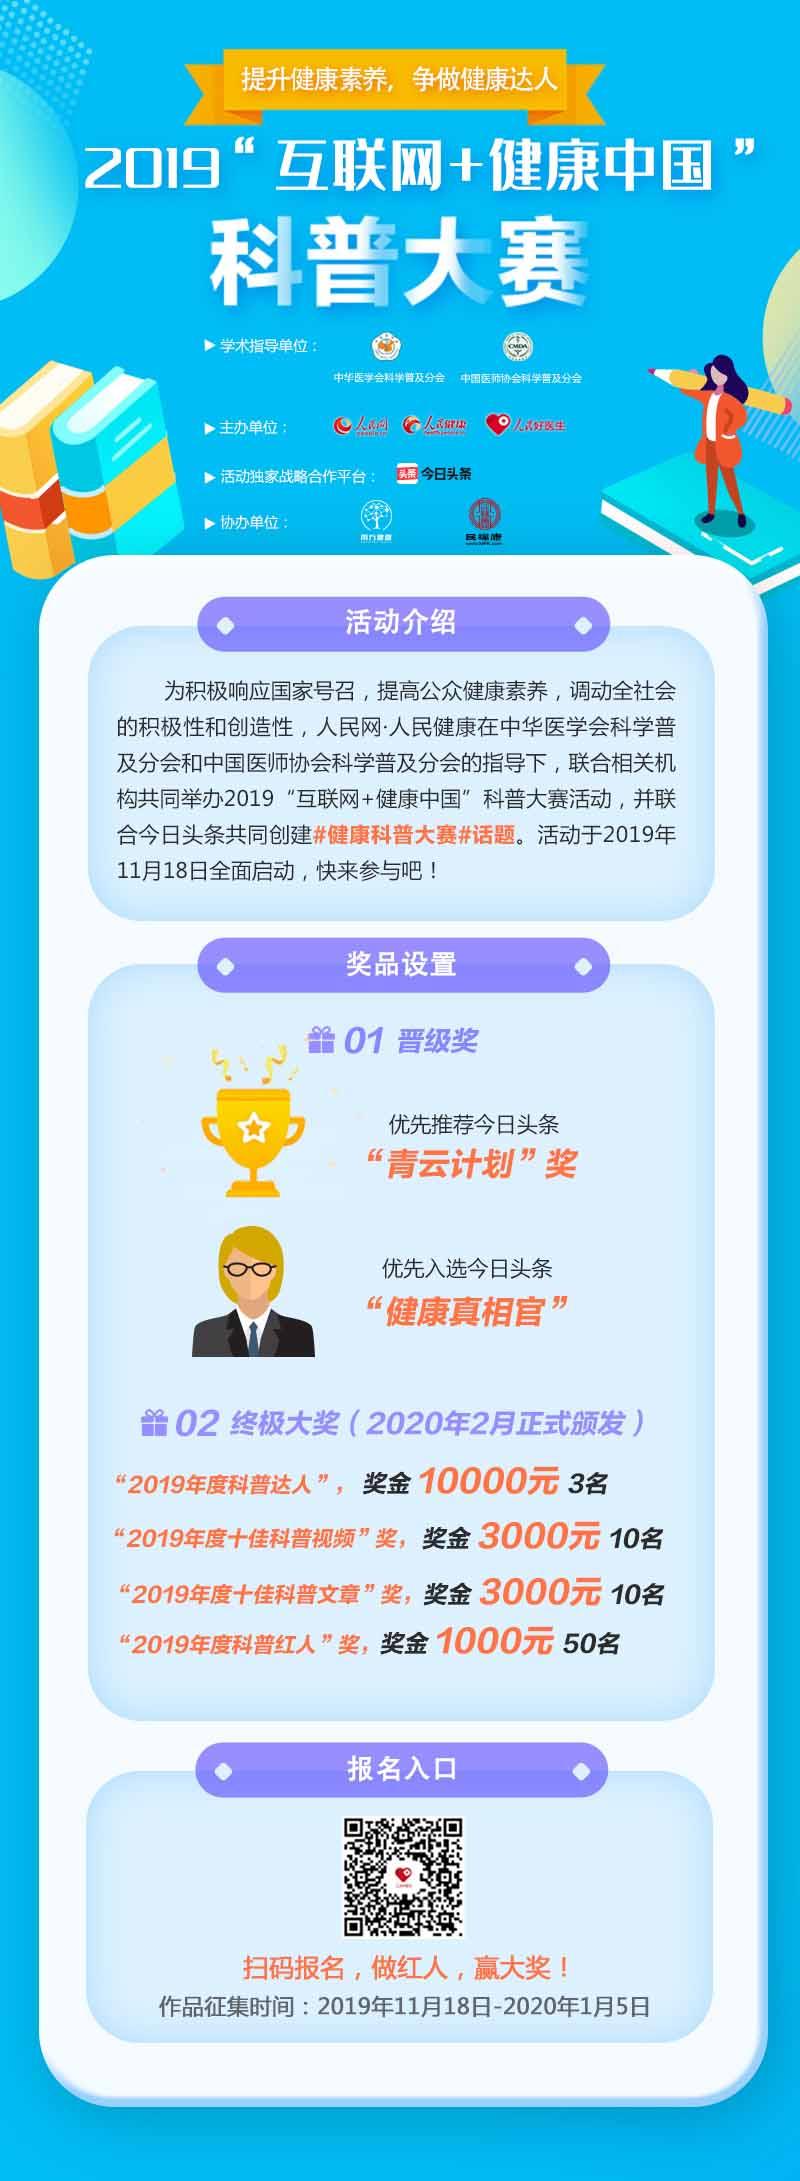 """第一届""""互联网+健康中国""""科普大赛,邀您共同守护人民健康"""